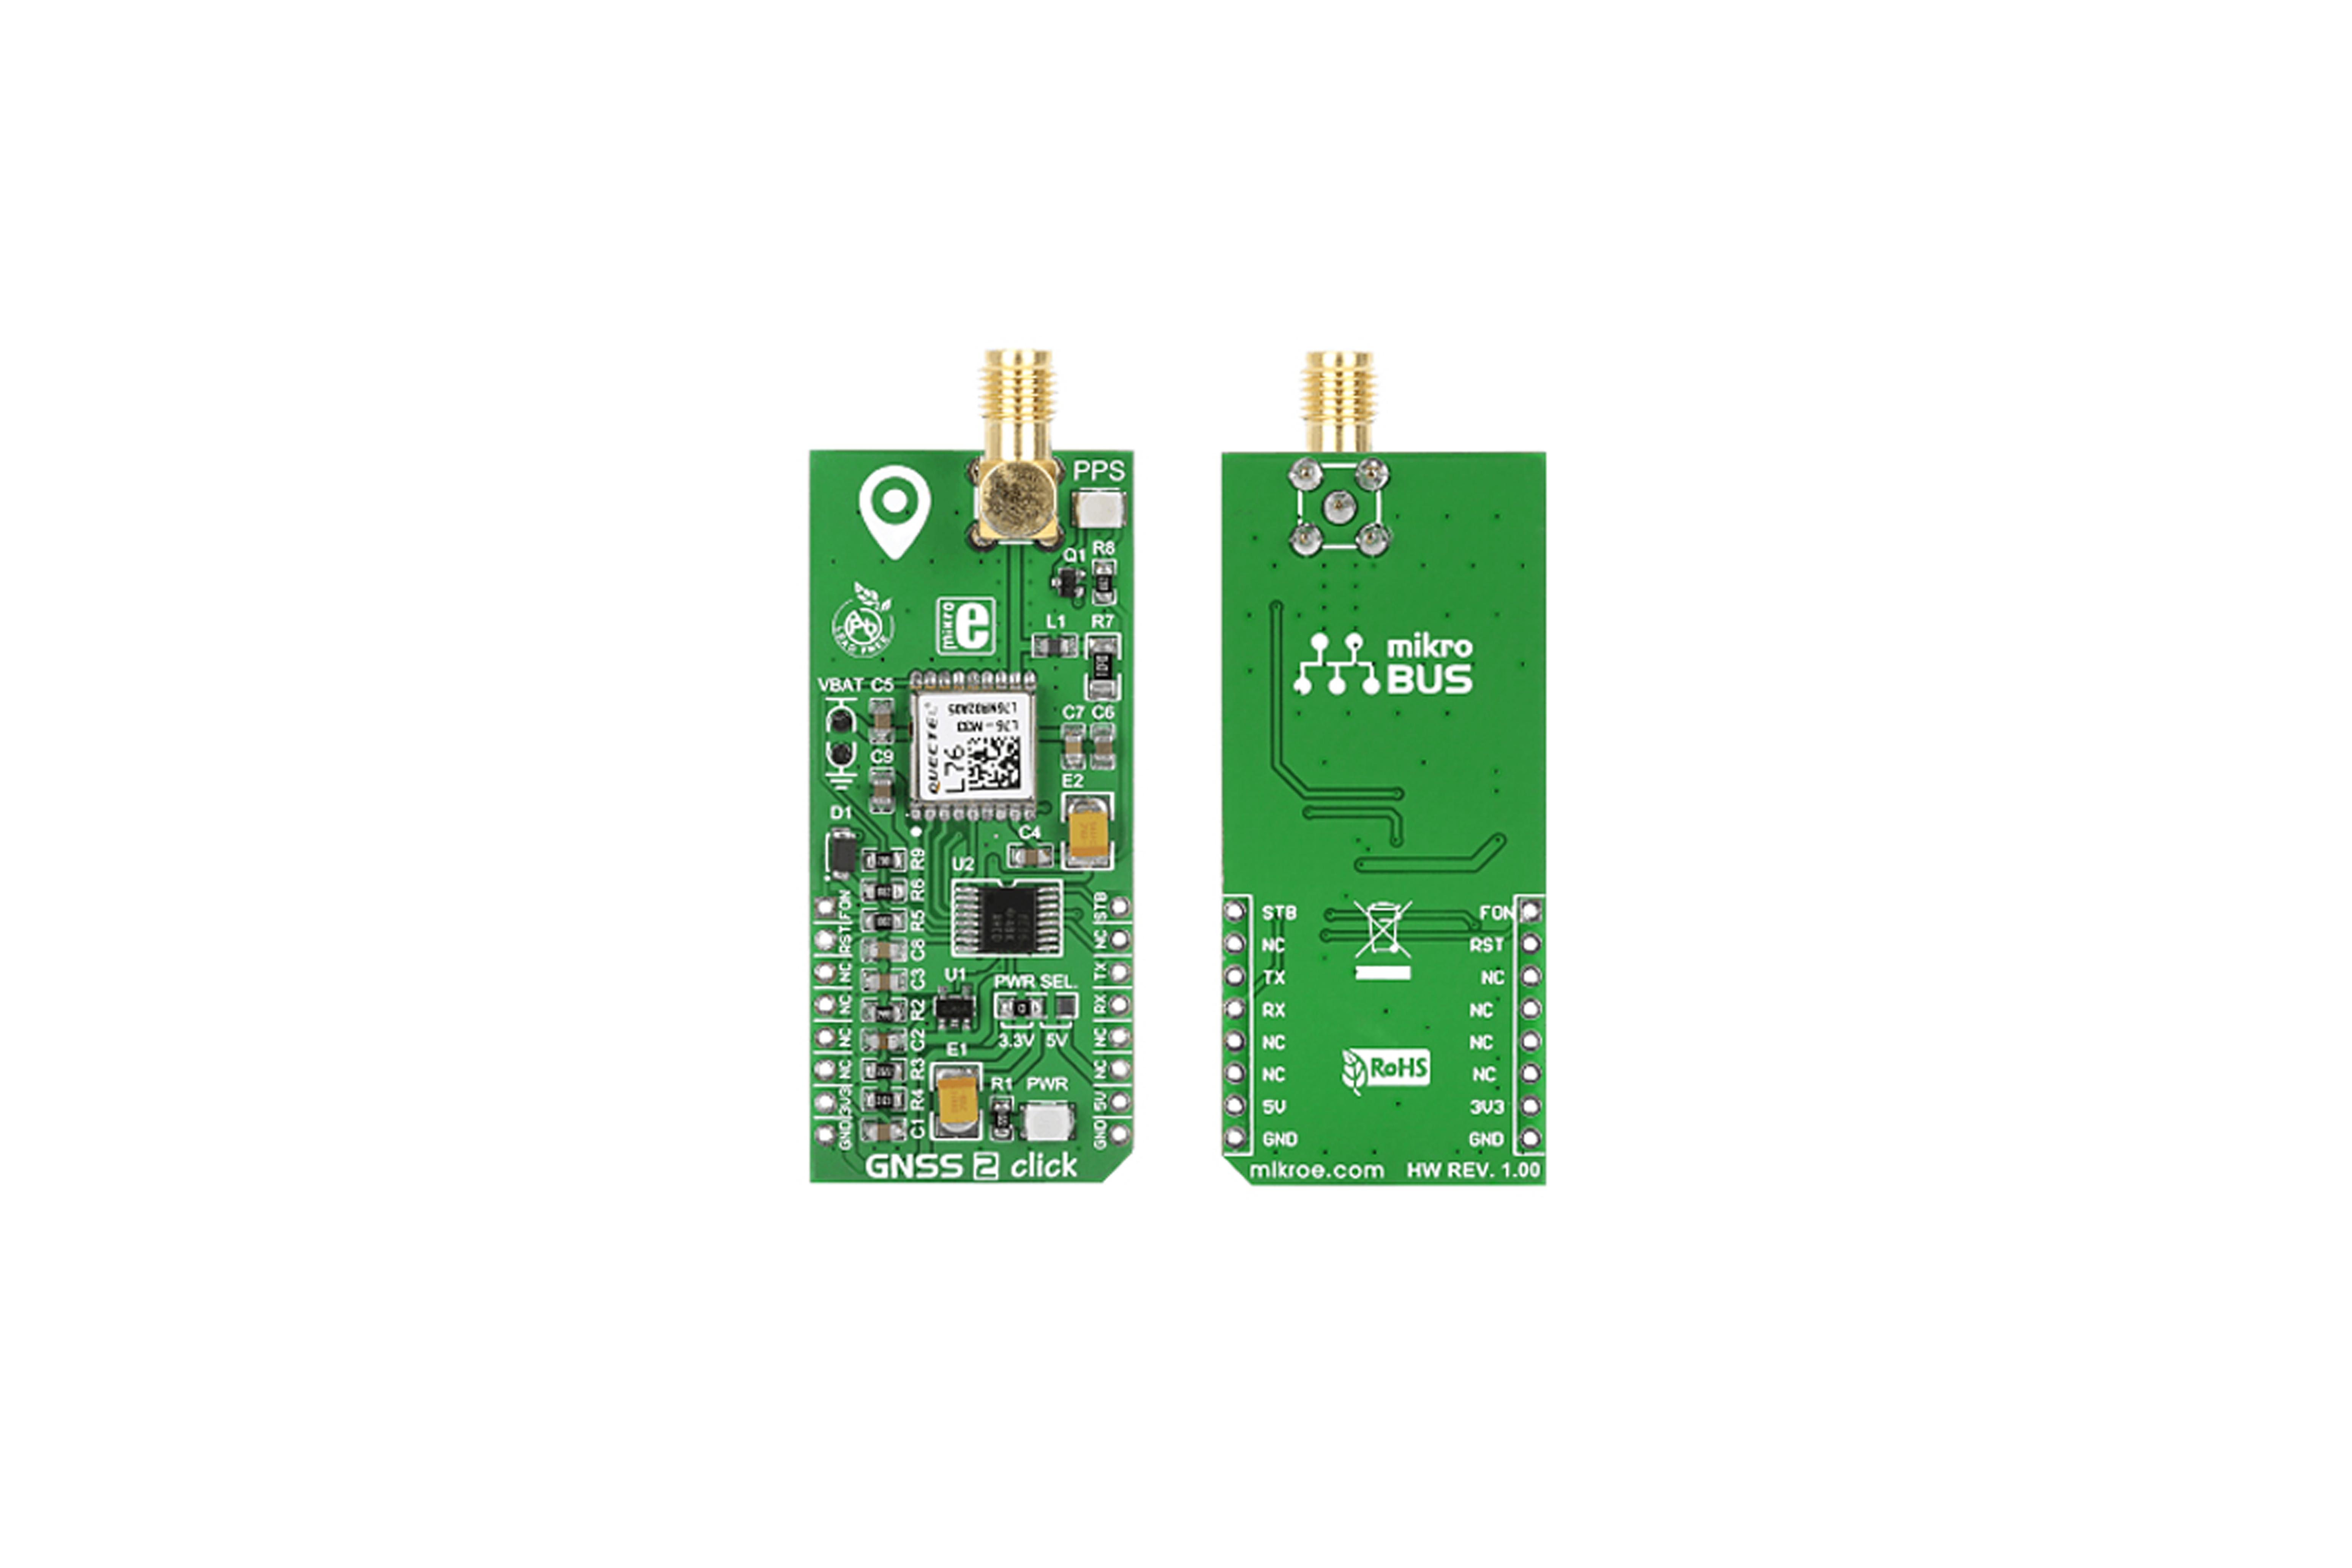 MikroElektronika GNSS2 GPS mikroBus Click-Platine für L76